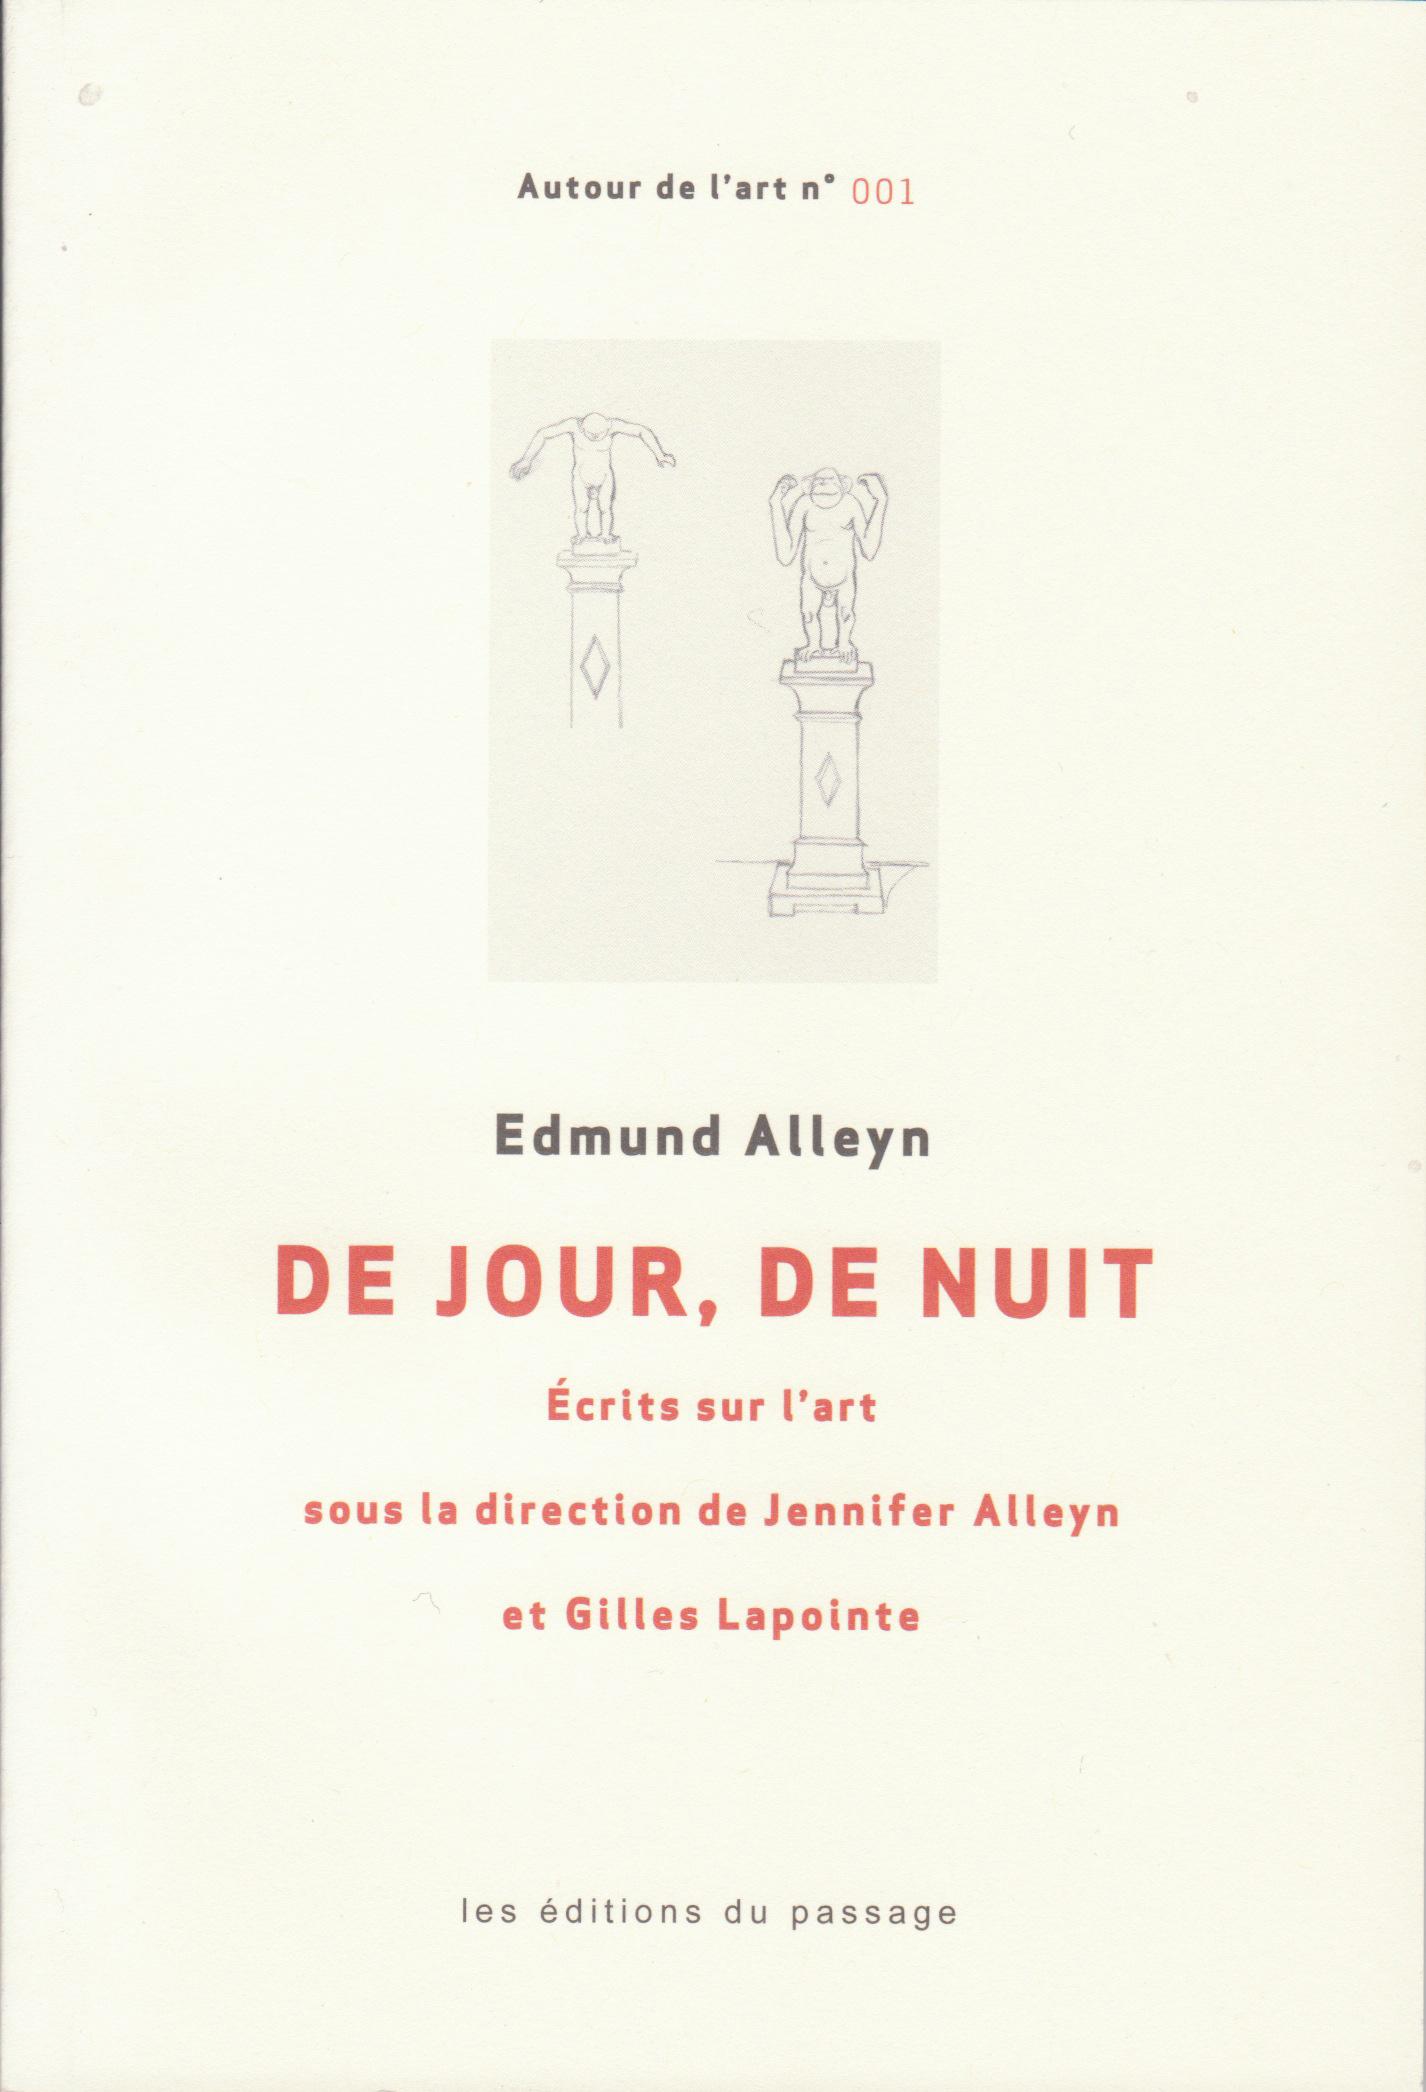 Edmun-Alleyn_de-jour-de-nuit_cover.jpeg